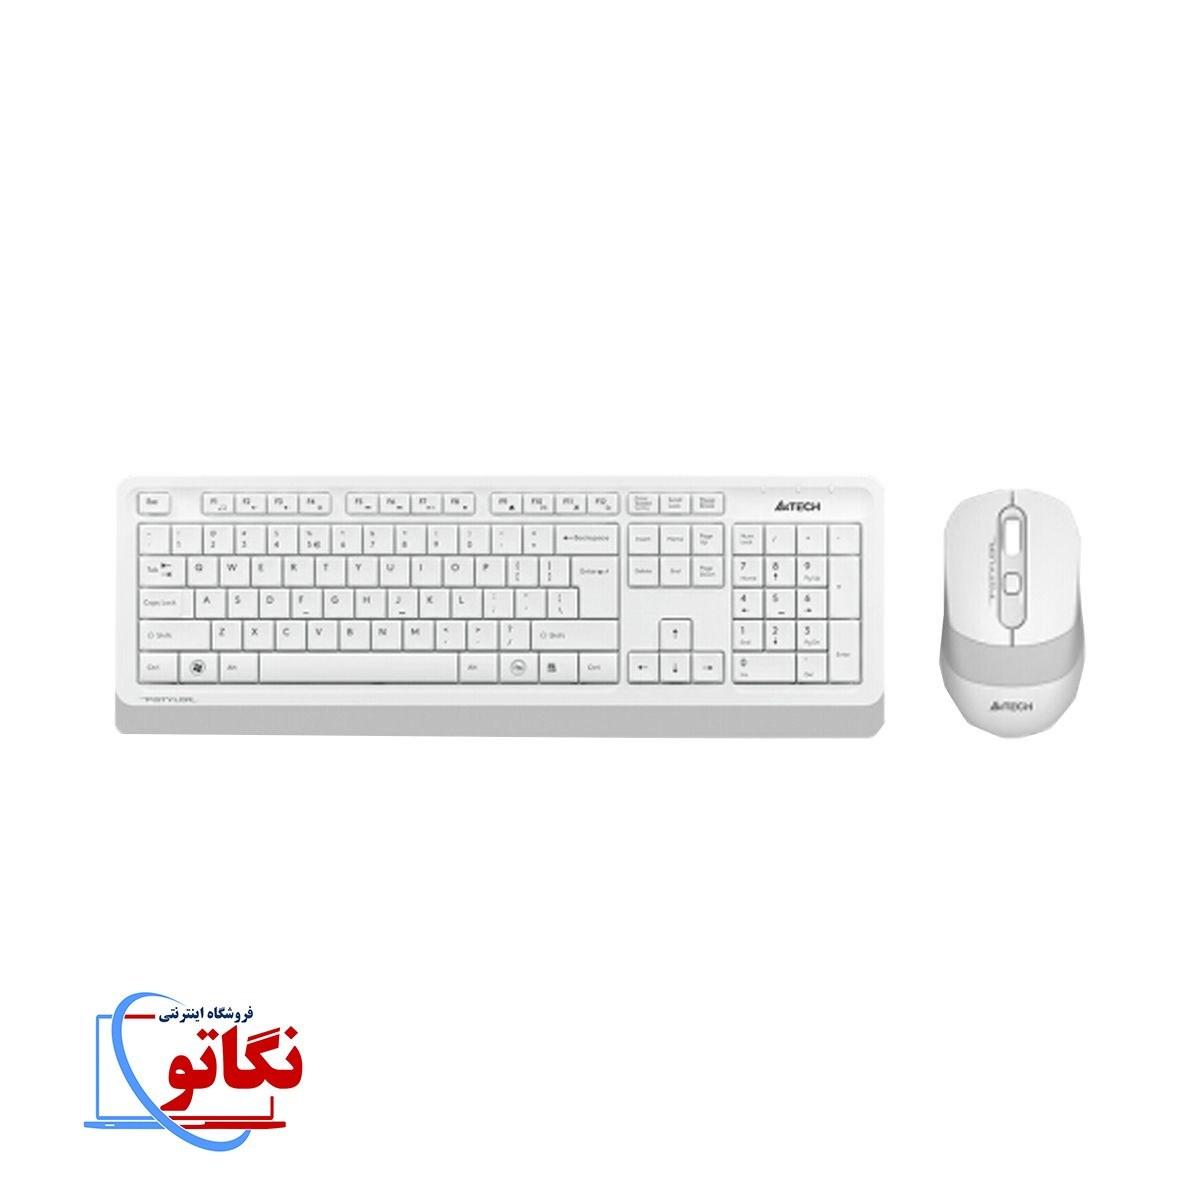 تصویر کیبورد و ماوس سفید بی سیم A4TECH FG1010 A4TECH Keyboard+Mouse Wireless FG1010 White